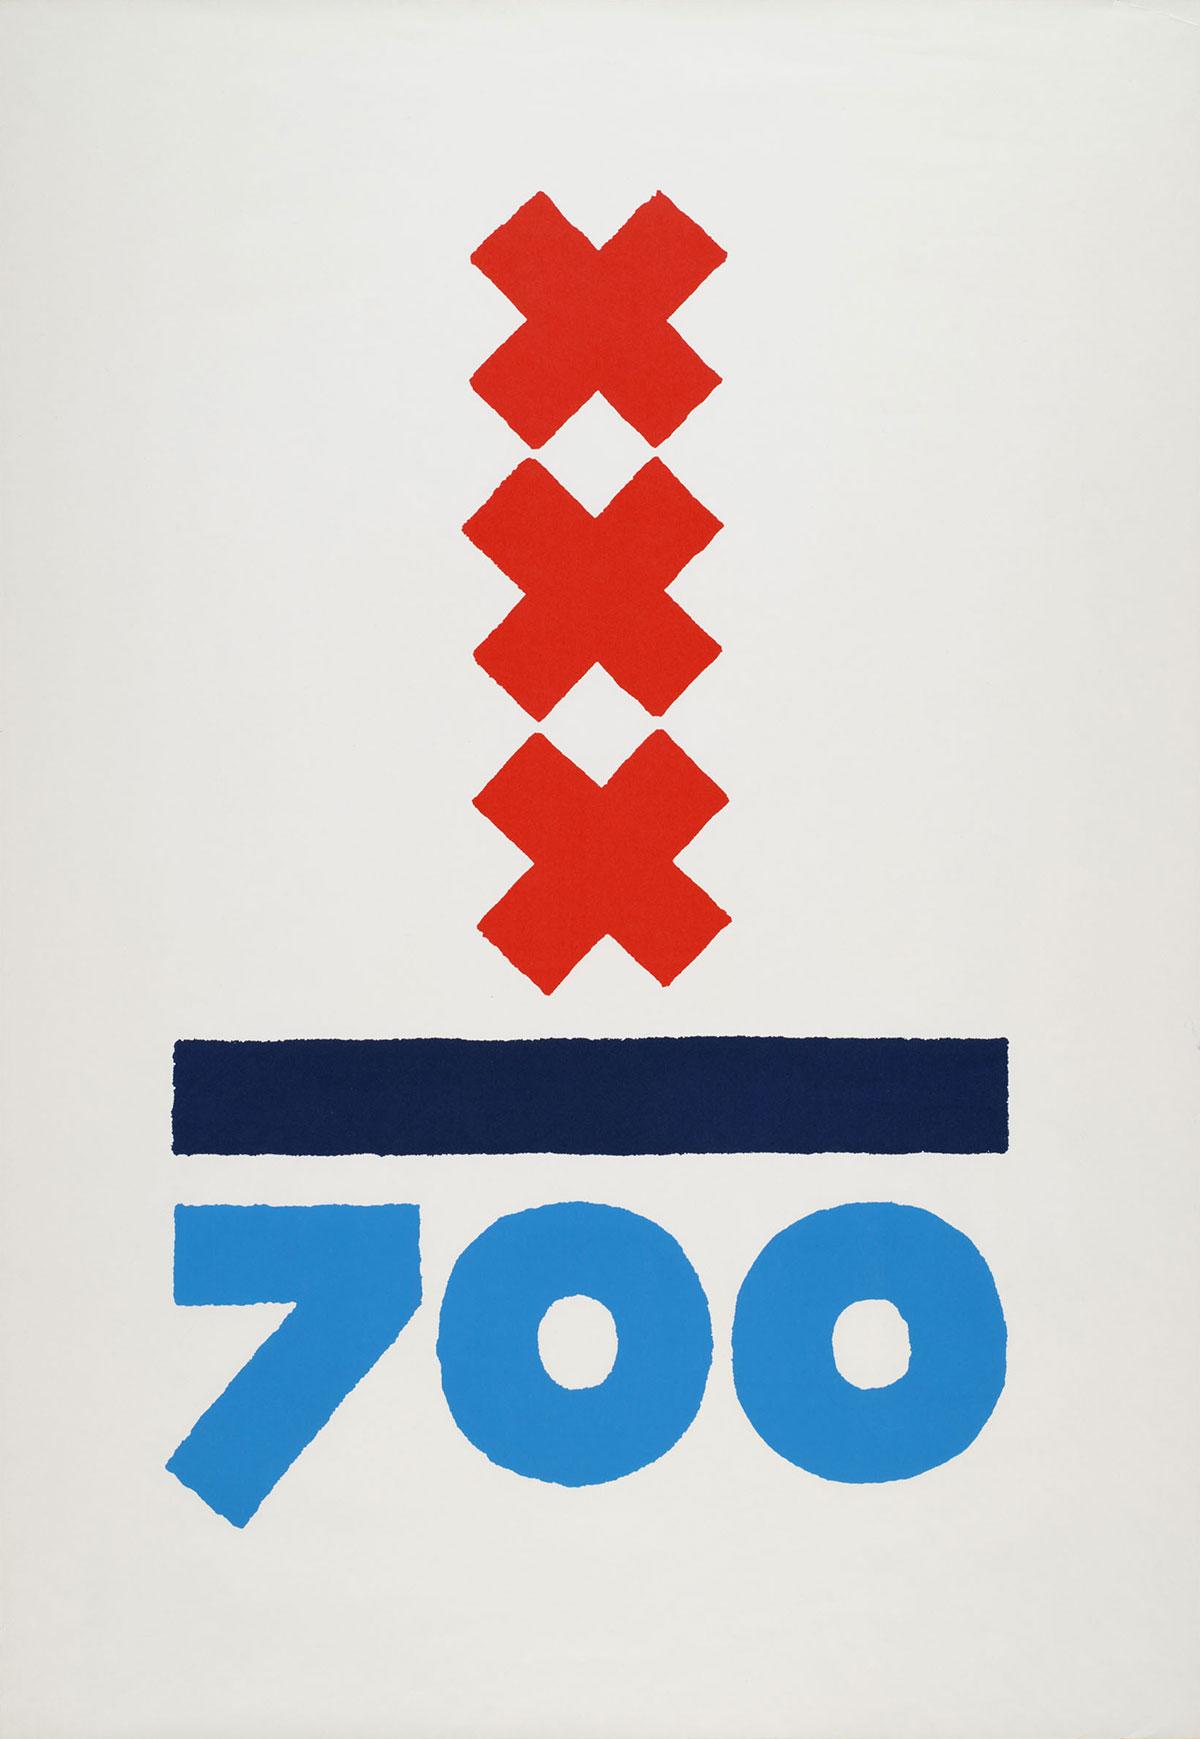 Jan-Bons-affiche-XXX-700